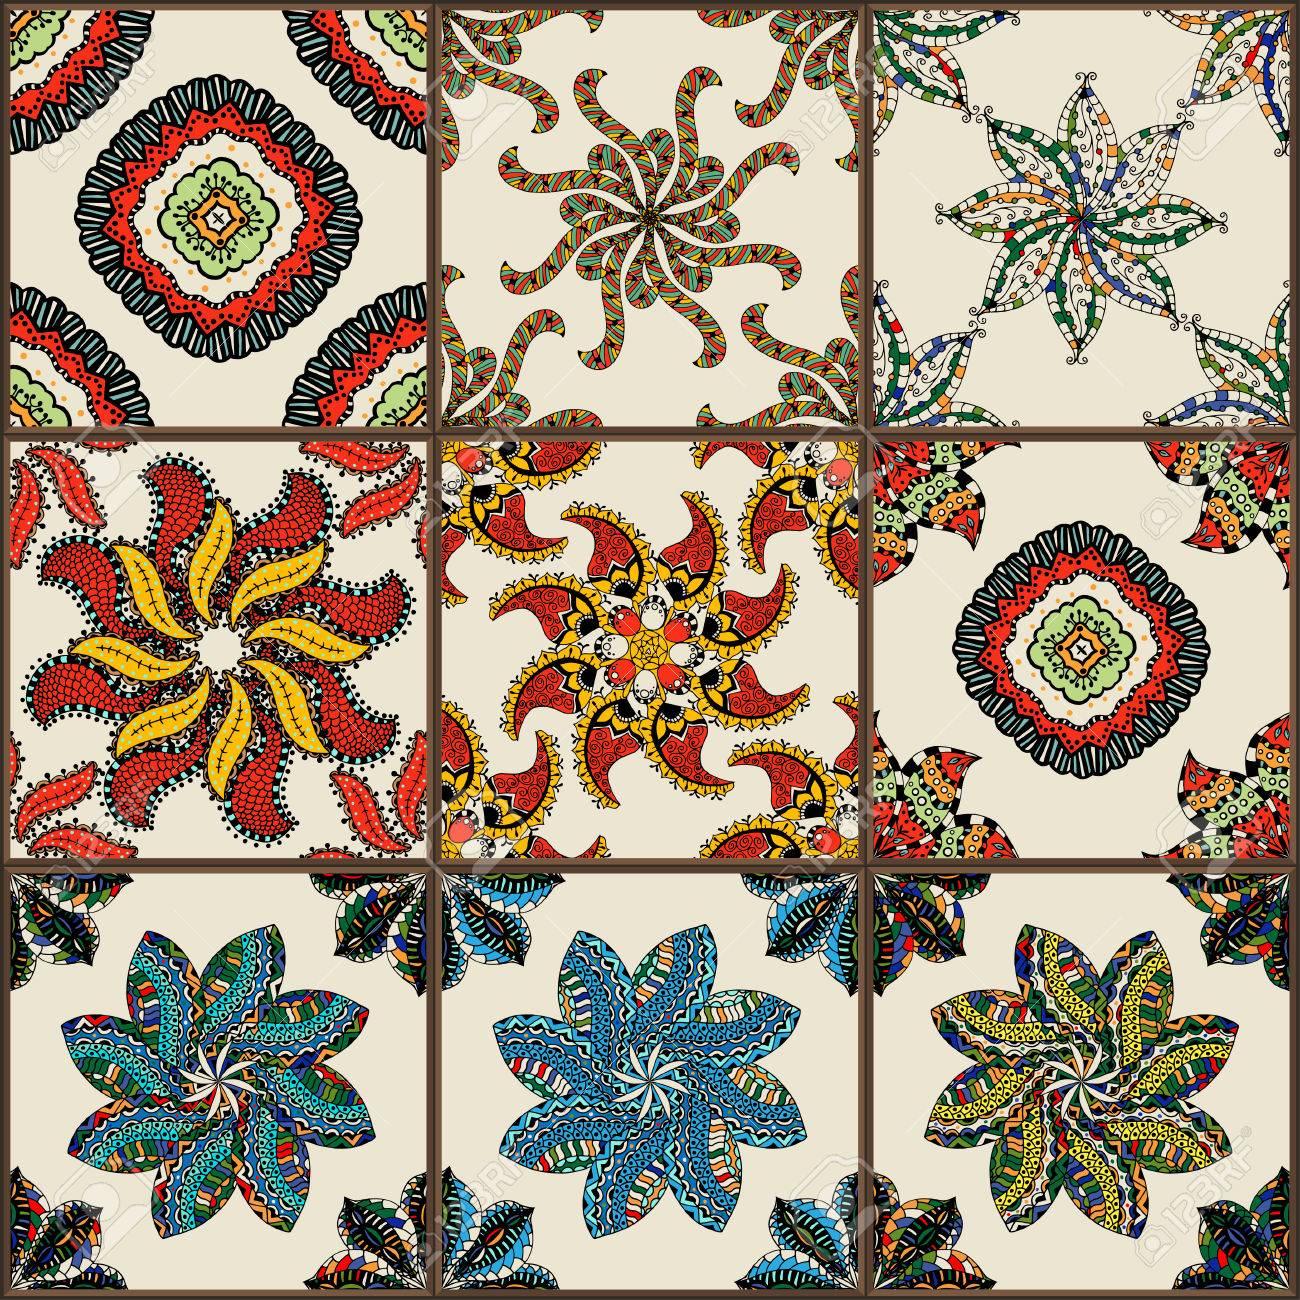 azulejos de cermica vidriada conjunto azulejos de la vendimia de colores con motivos florales y